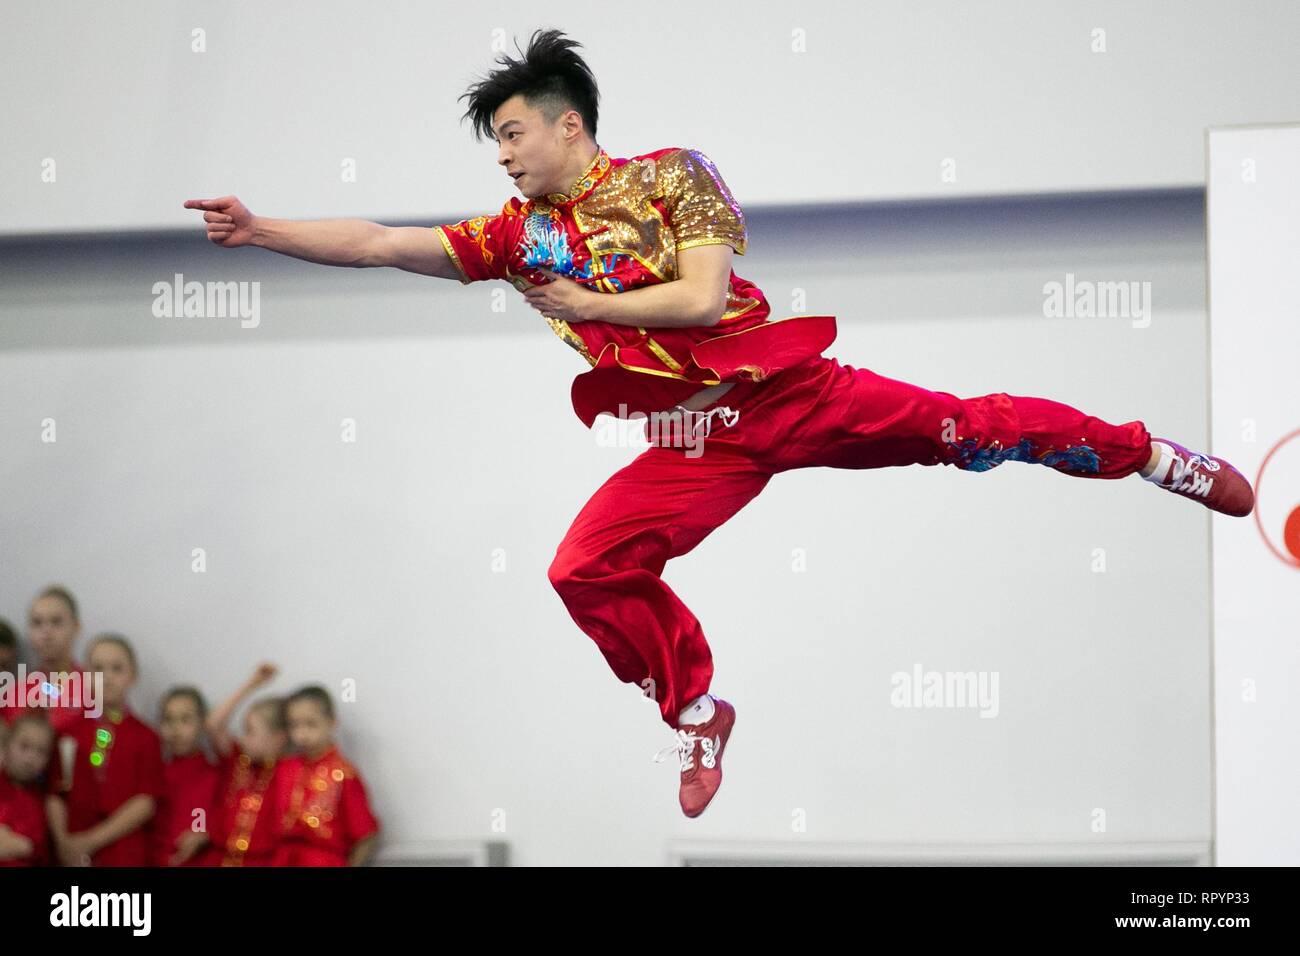 Mosca, Russia. Il 23 febbraio, 2019. Un concorrente esegue durante la cerimonia di apertura per la mosca Wushu stelle 2019 concorrenza a Mosca, in Russia, nel febbraio 23, 2019. Credito: Bai Xueqi/Xinhua/Alamy Live News Foto Stock